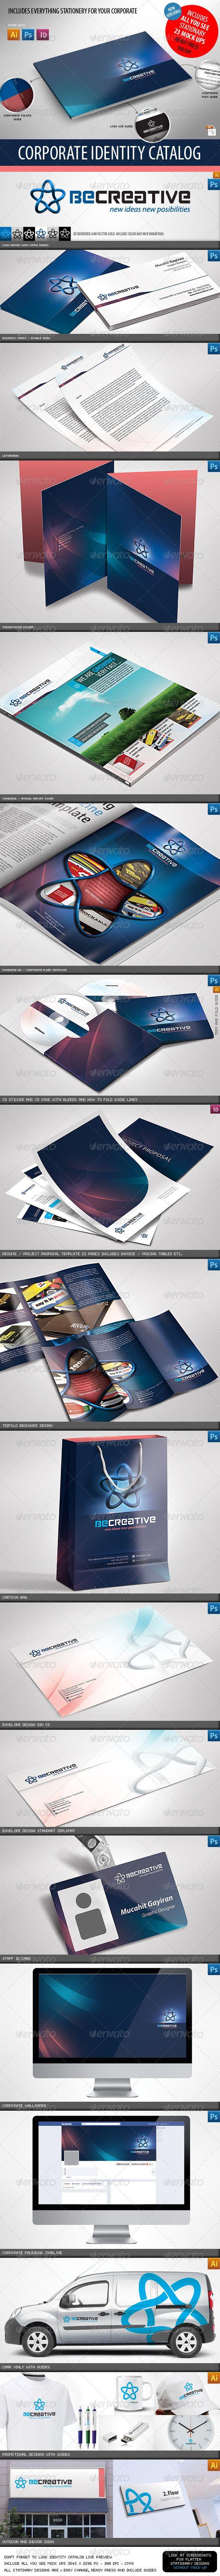 Creative Agency Corporate Identity Catalog v6